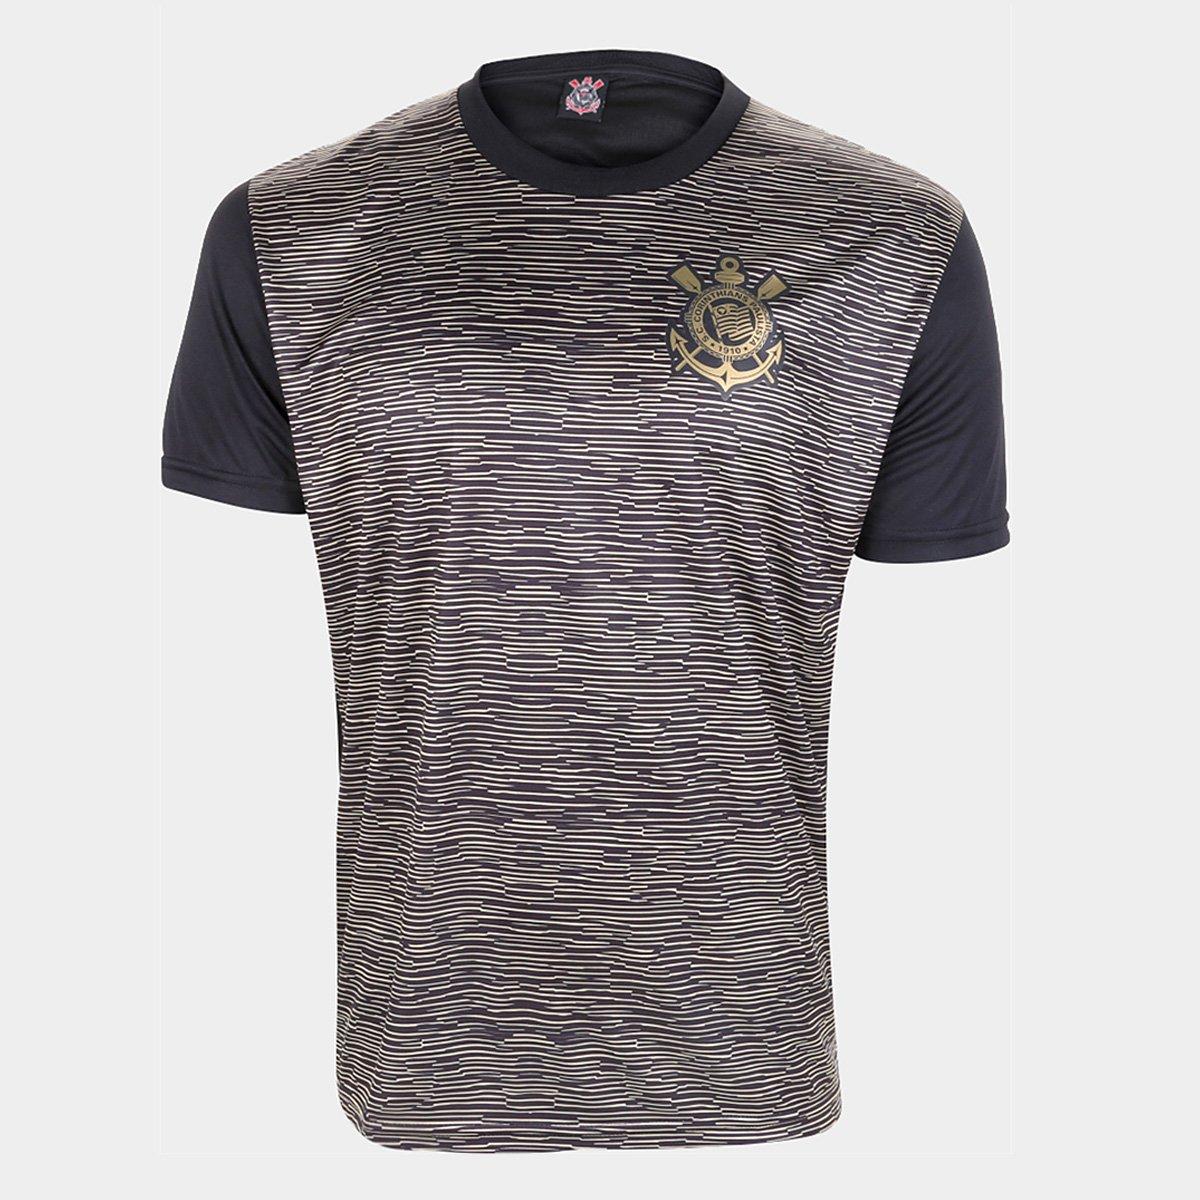 Camisa Corinthians Full Sublime Masculina